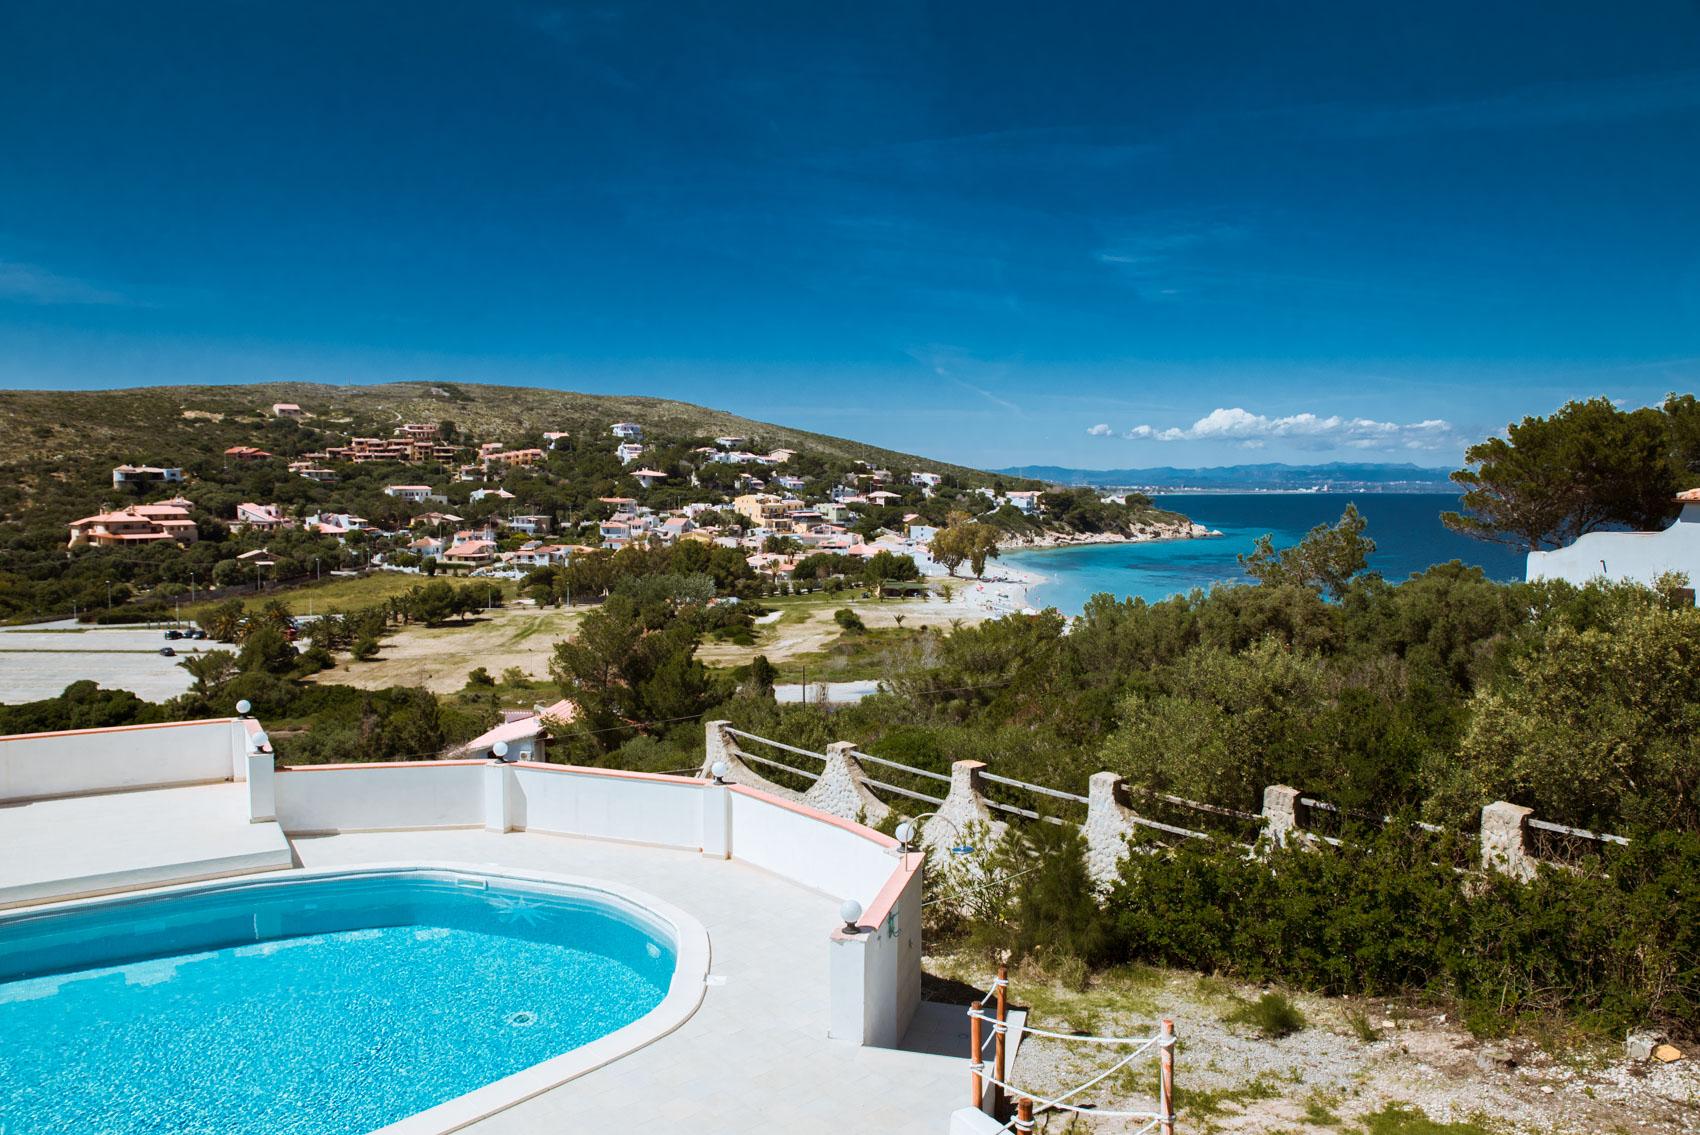 Vacanze in Sardegna, trascorri le tue vacanze estive nell'isola di Sant'Antioco